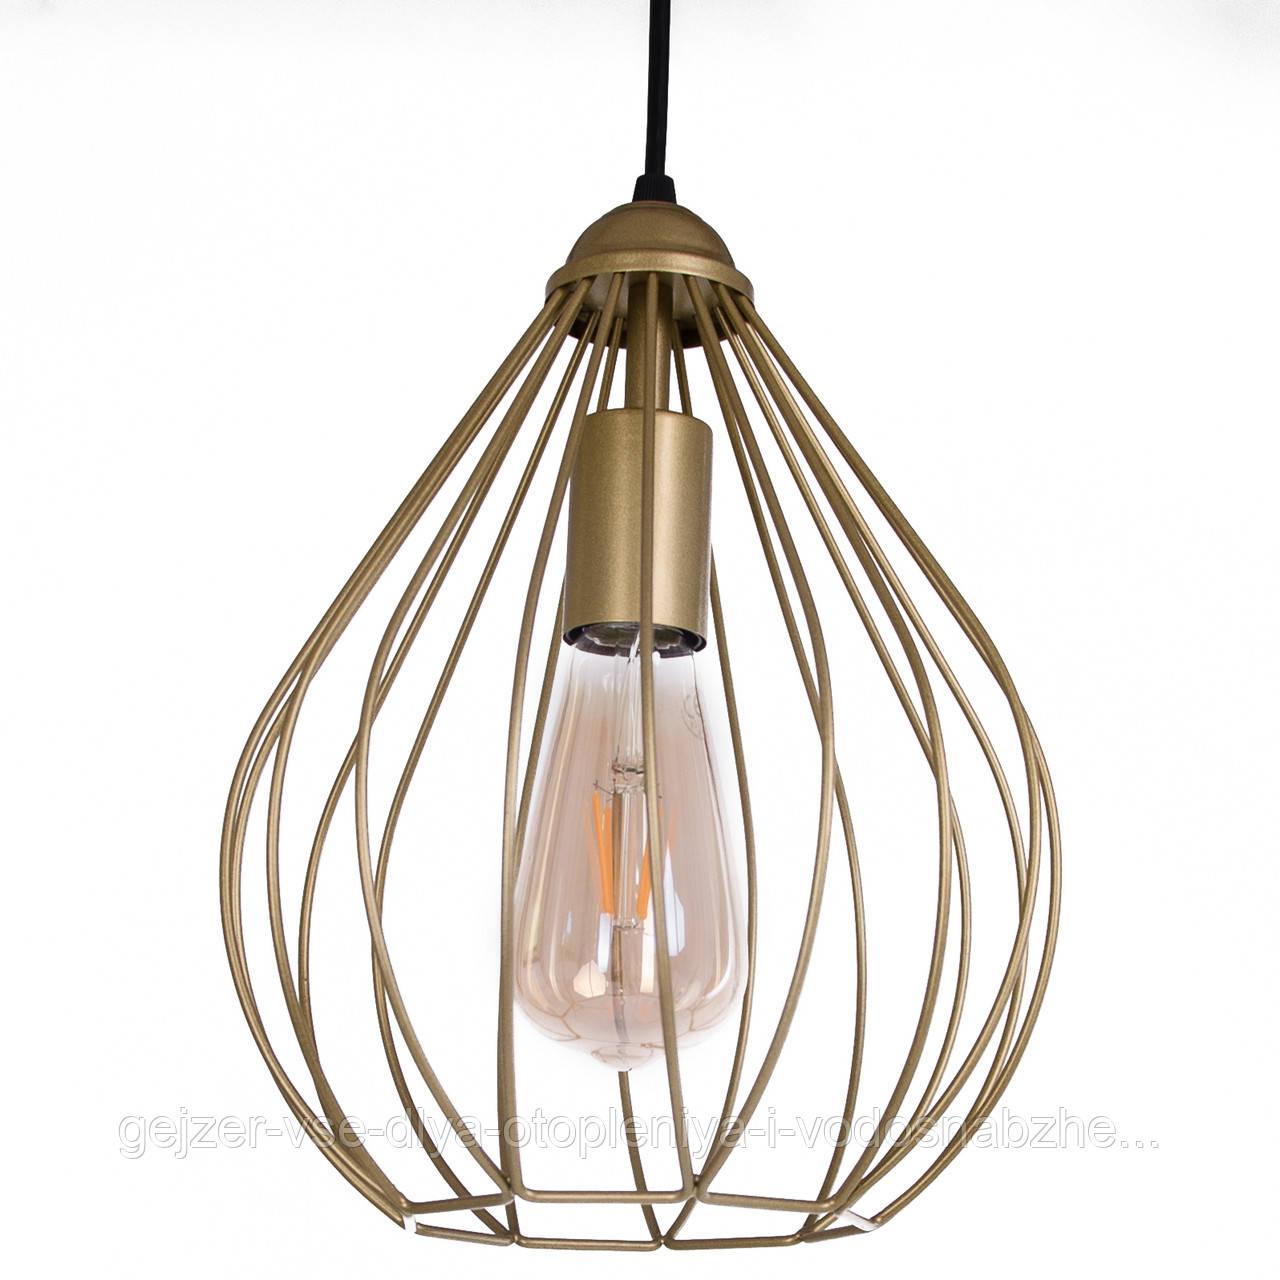 Потолочный подвесной светильник Atma Light серии Tulipe P220 Gold